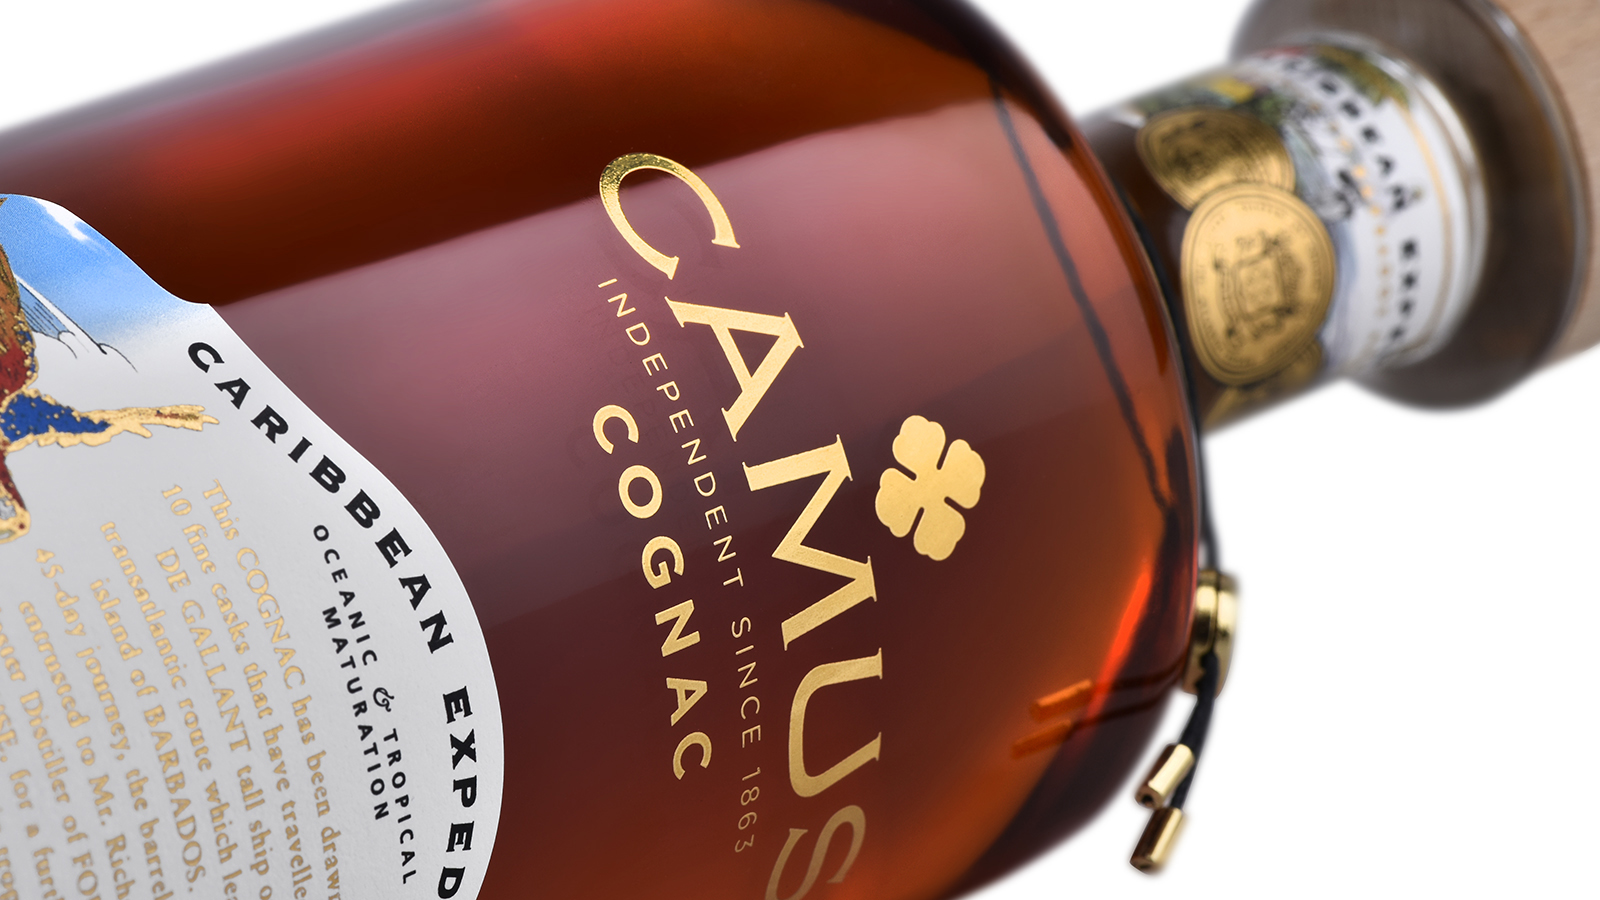 Camus Caribbean Expedition Cognac Bottle Breakdown Feature Image